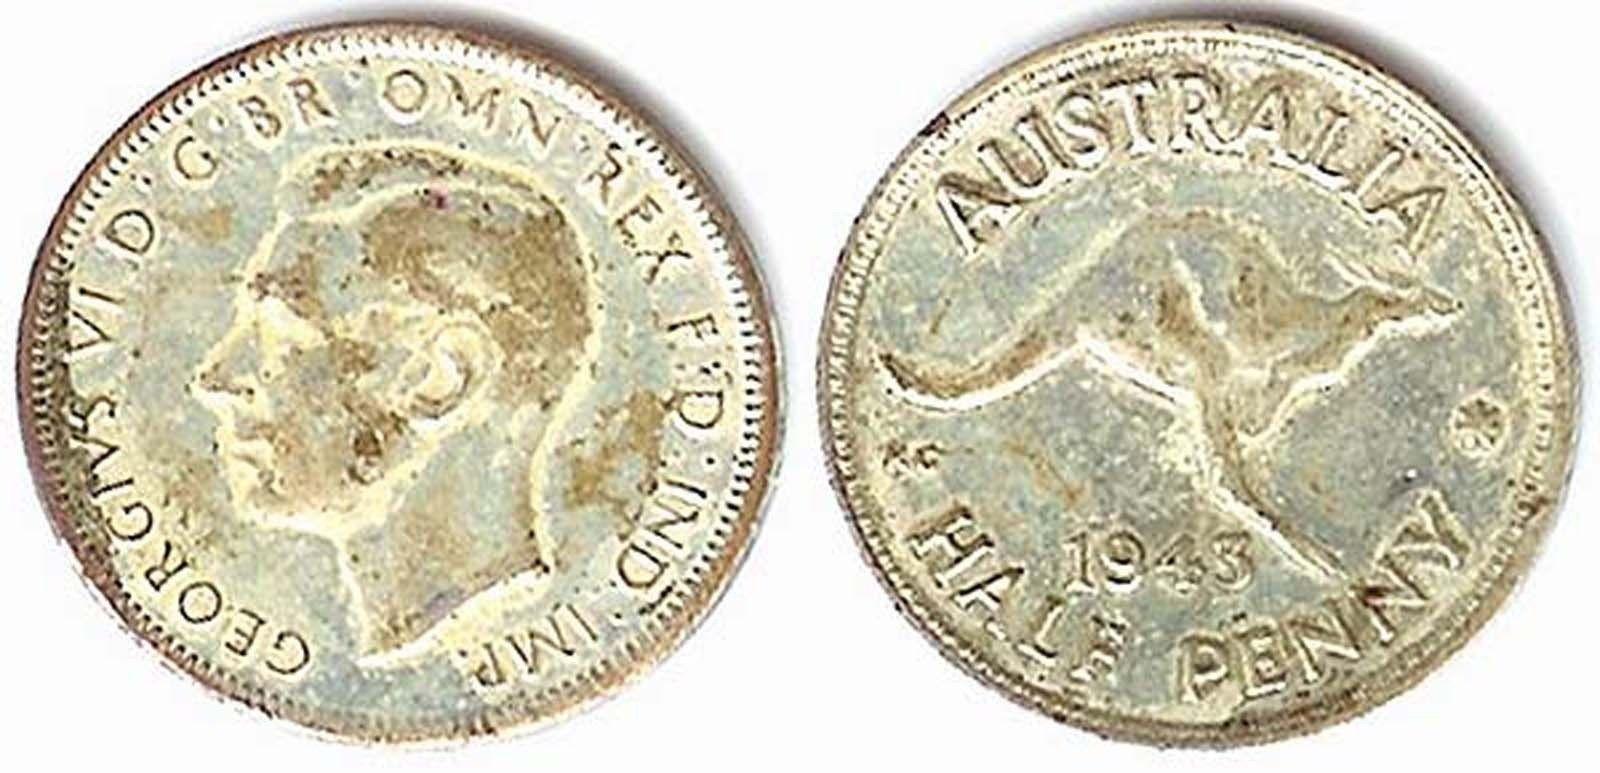 1943 George VI Australia Half Penny - $2.92